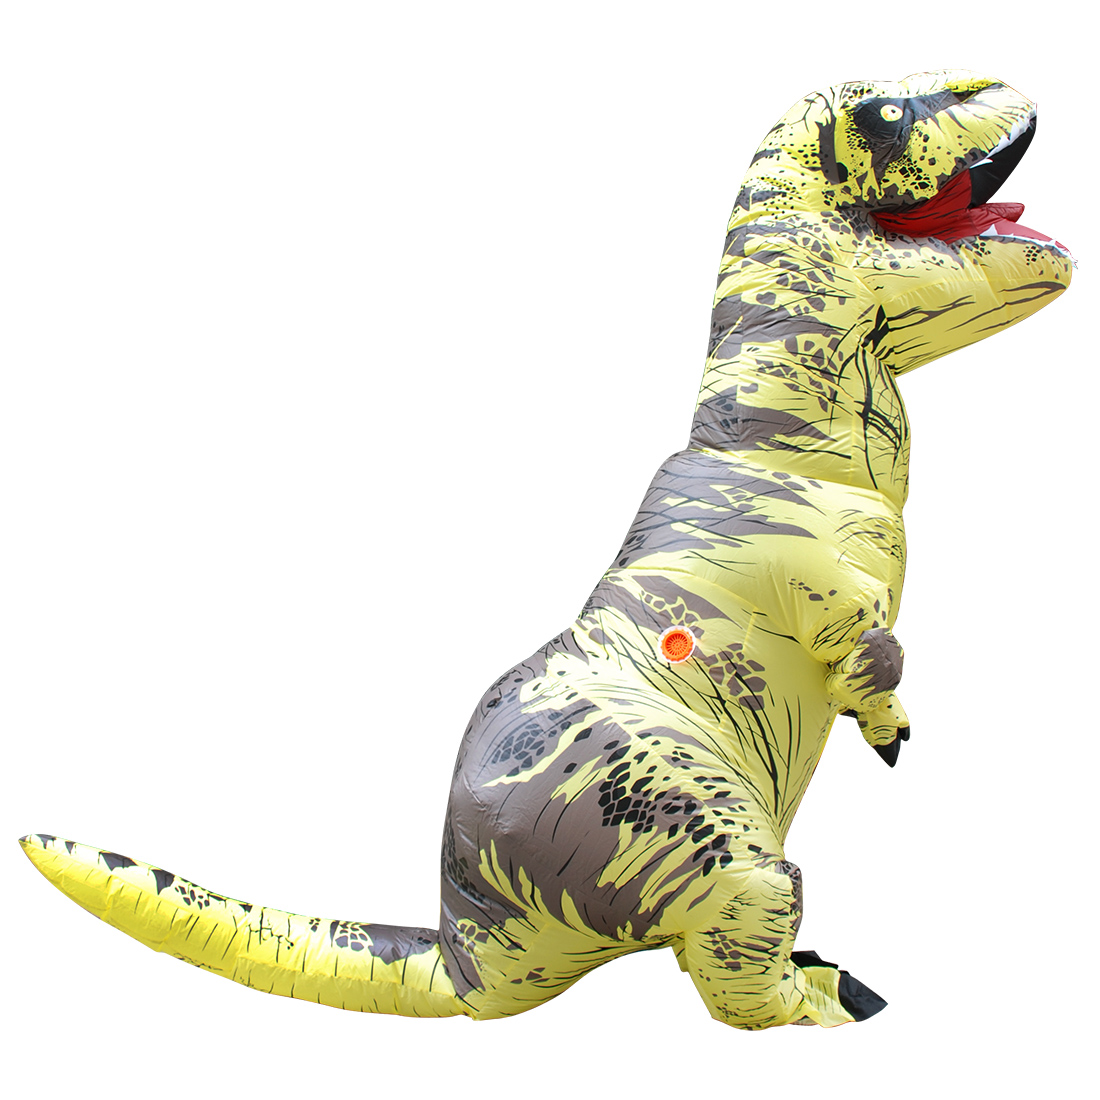 Erwachsene Gelb Polyester T-REX Aufblasbar Dinosaurier Kostüm Halloween Faschingskostüme